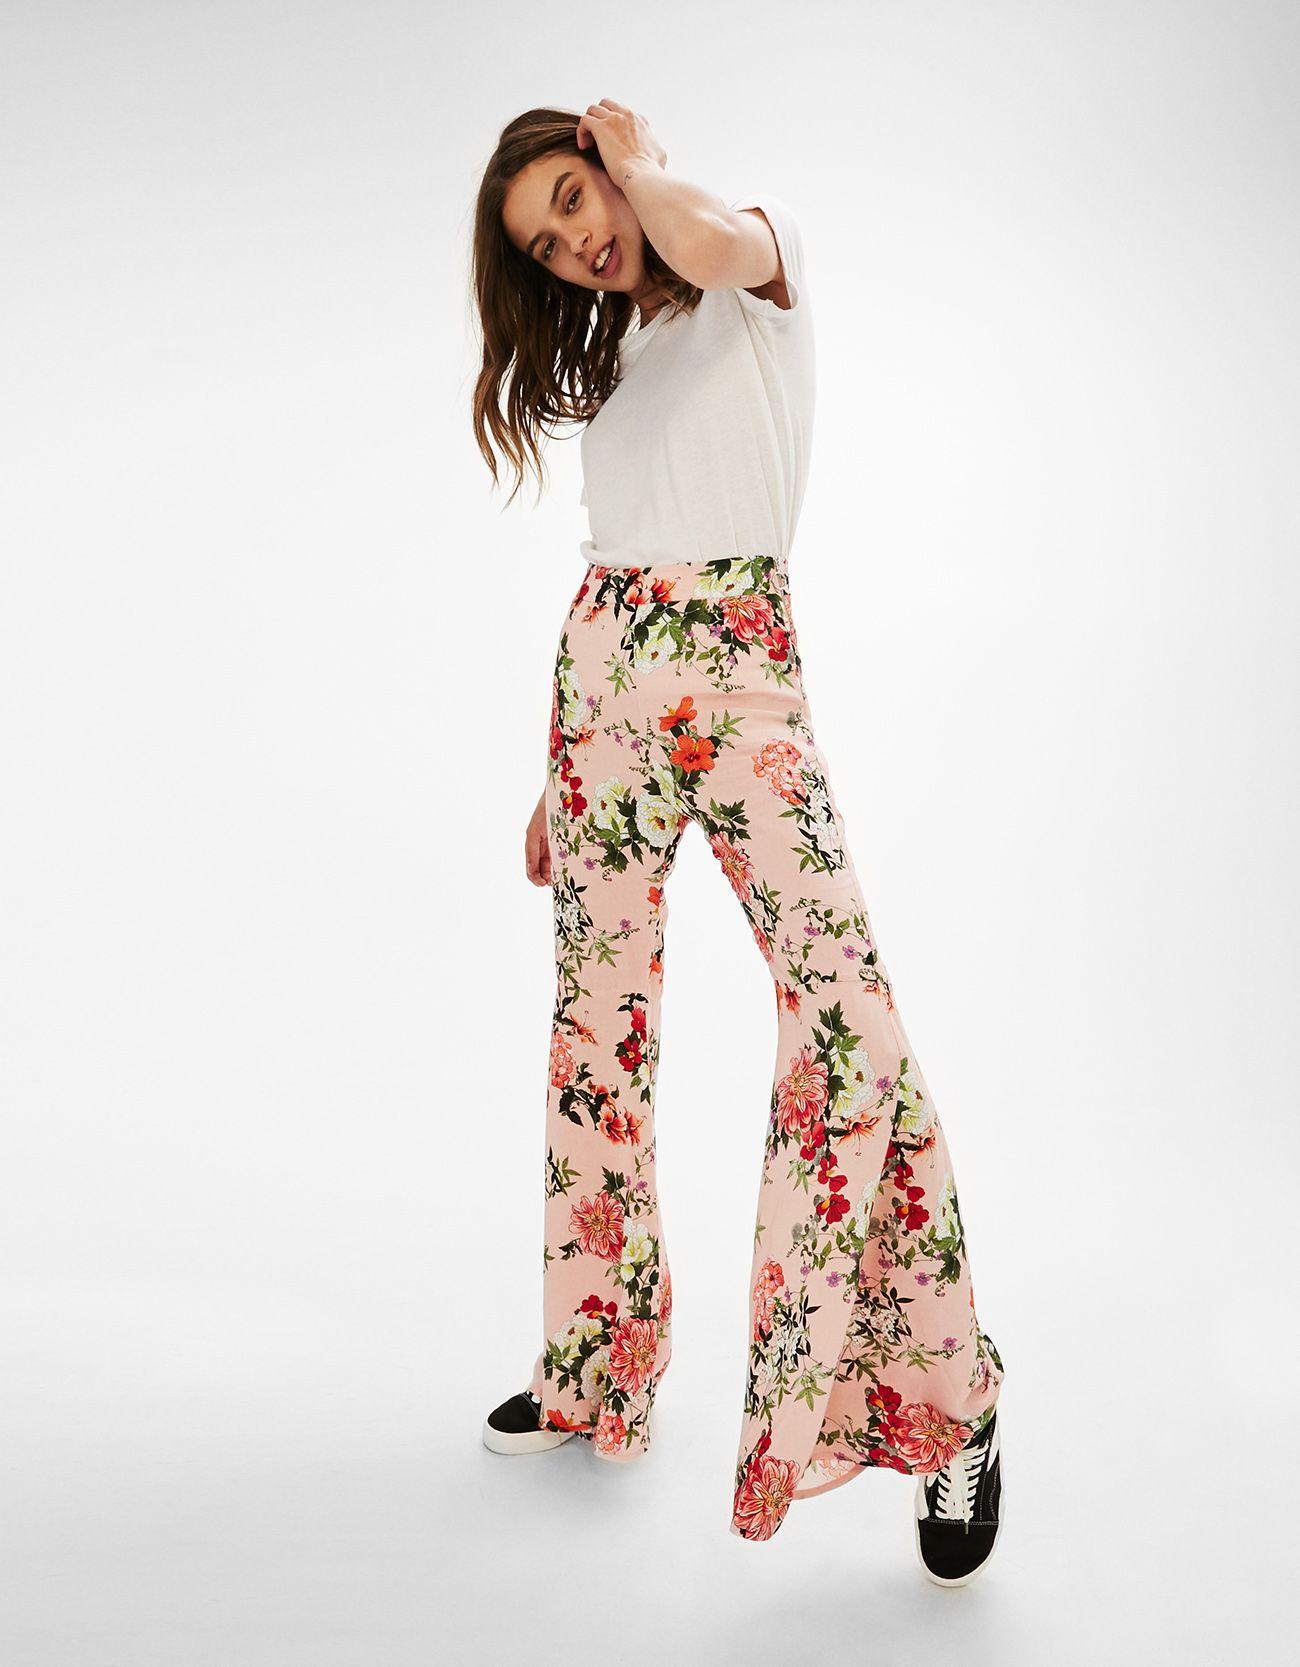 bee7f077fb Pantalón ancho estampado flores. Descubre ésta y muchas otras prendas en  Bershka con nuevos productos